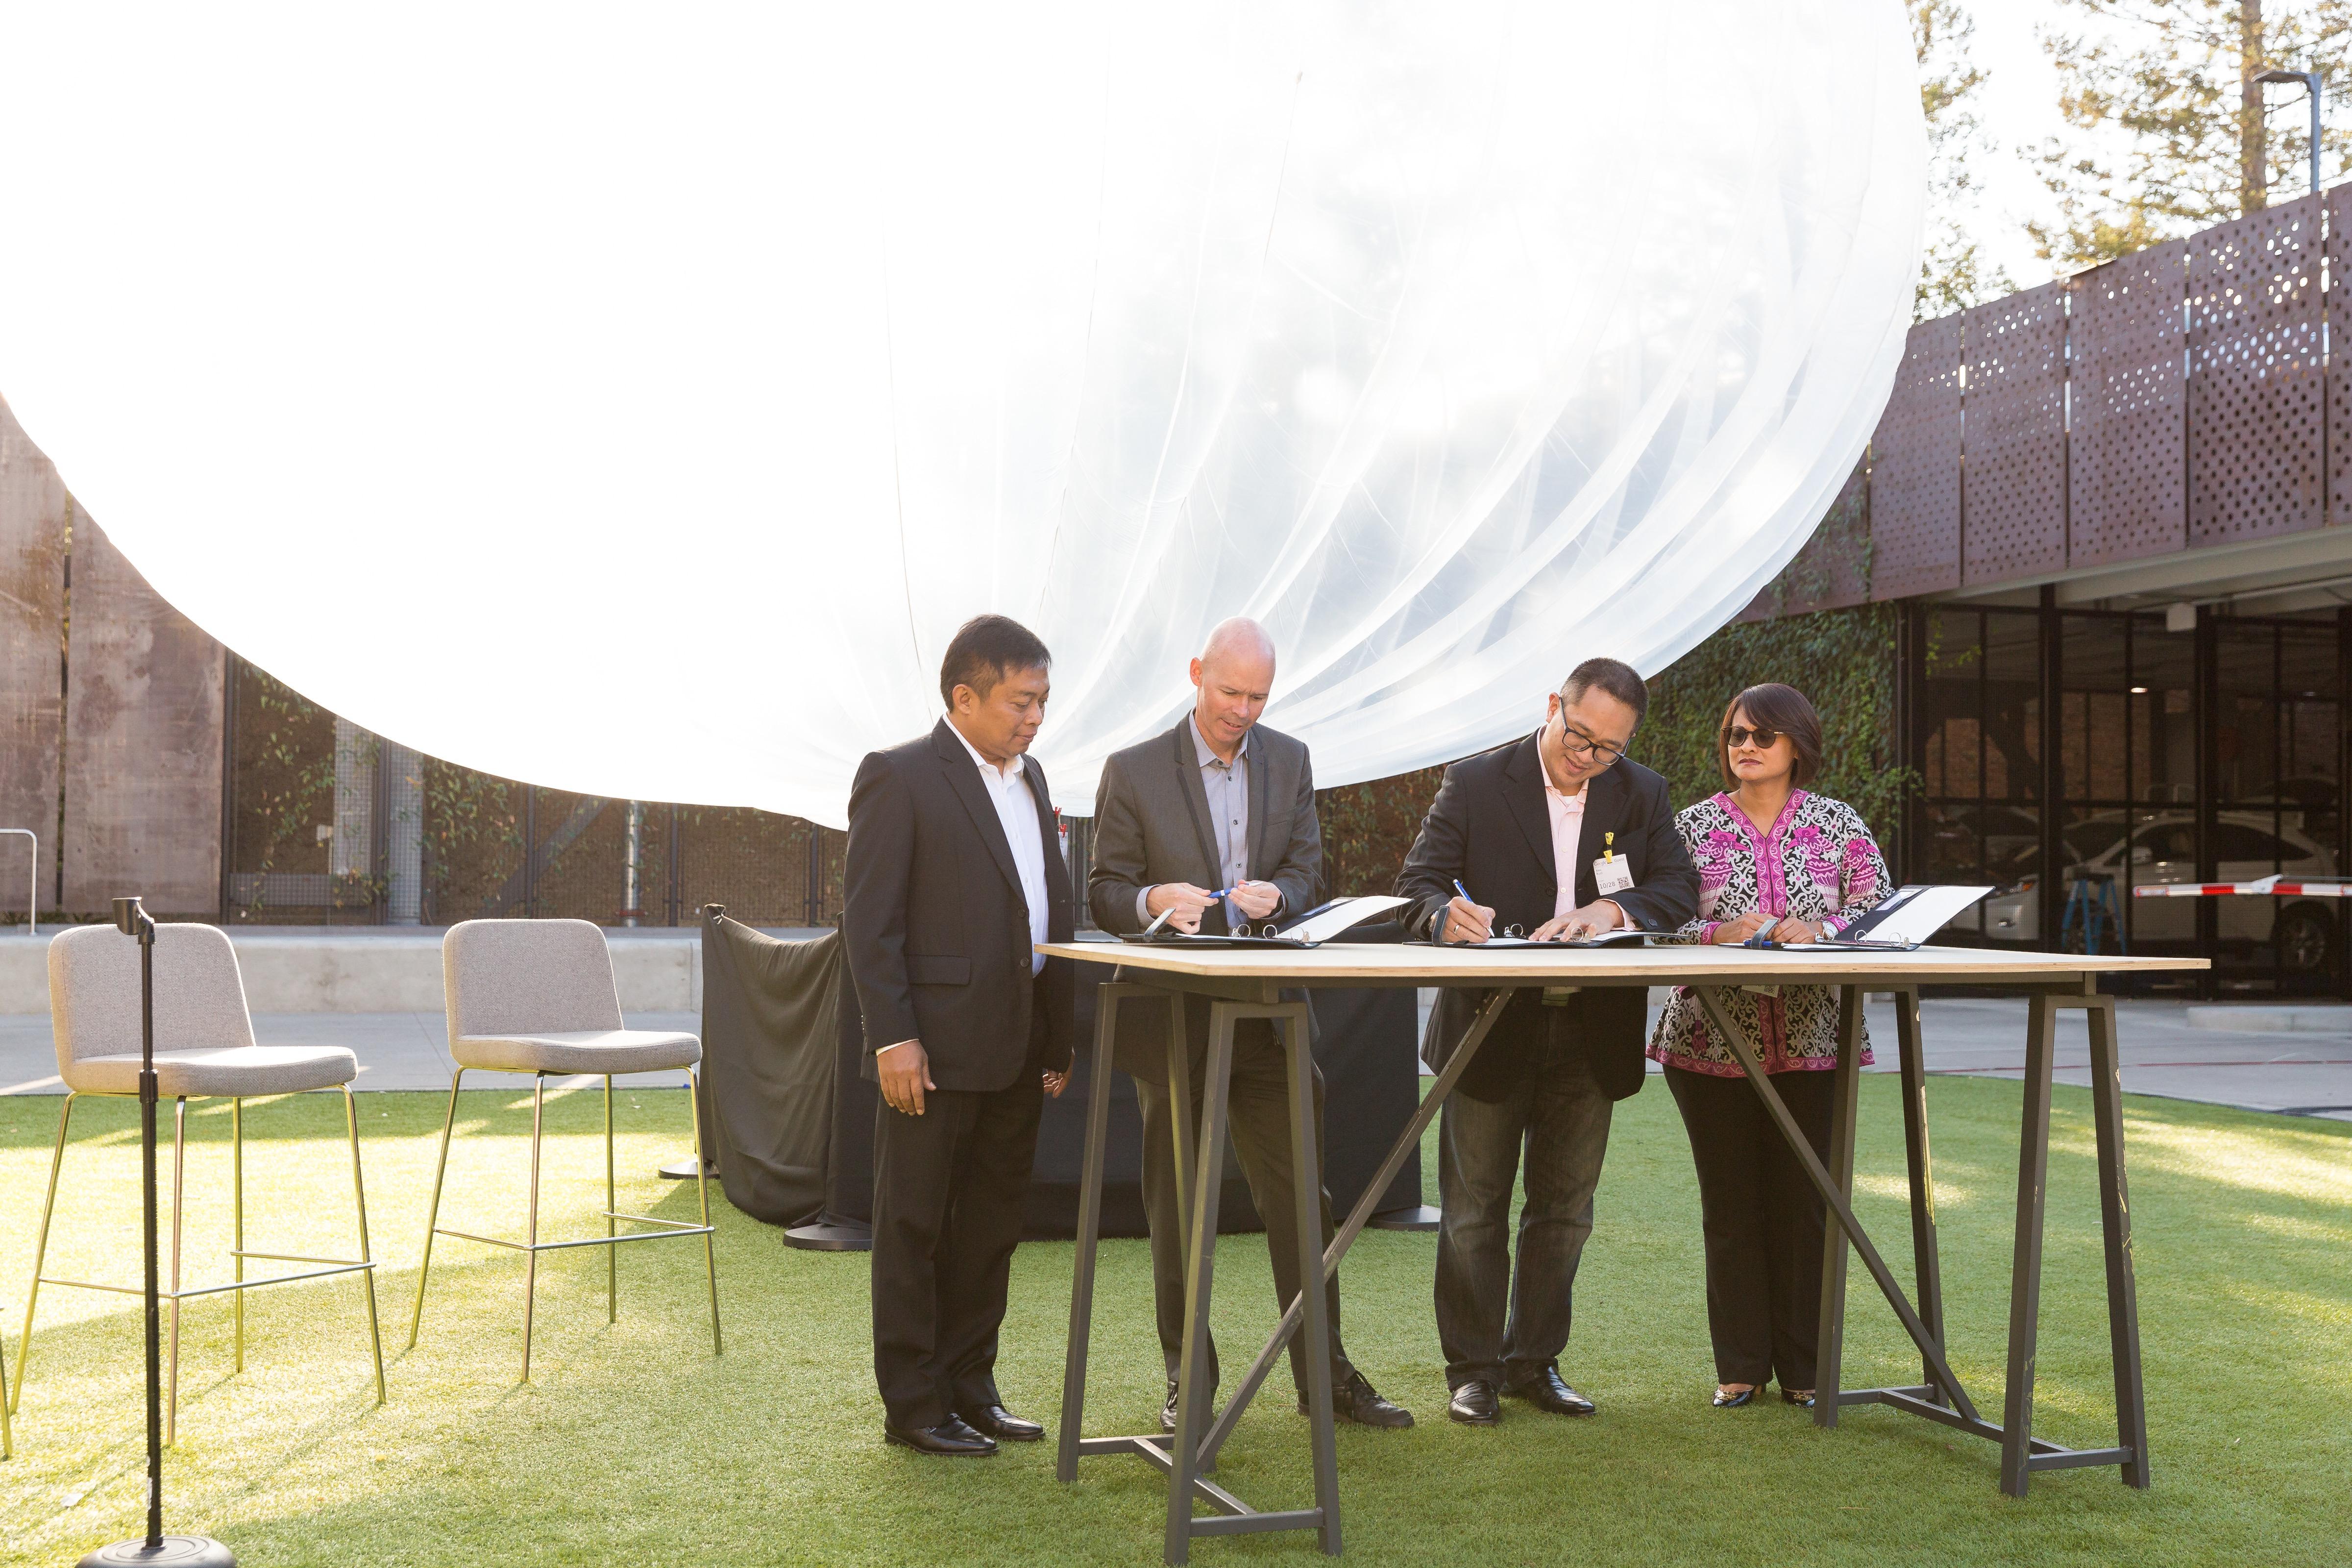 Indo delegation visit to SV - 100 of 115